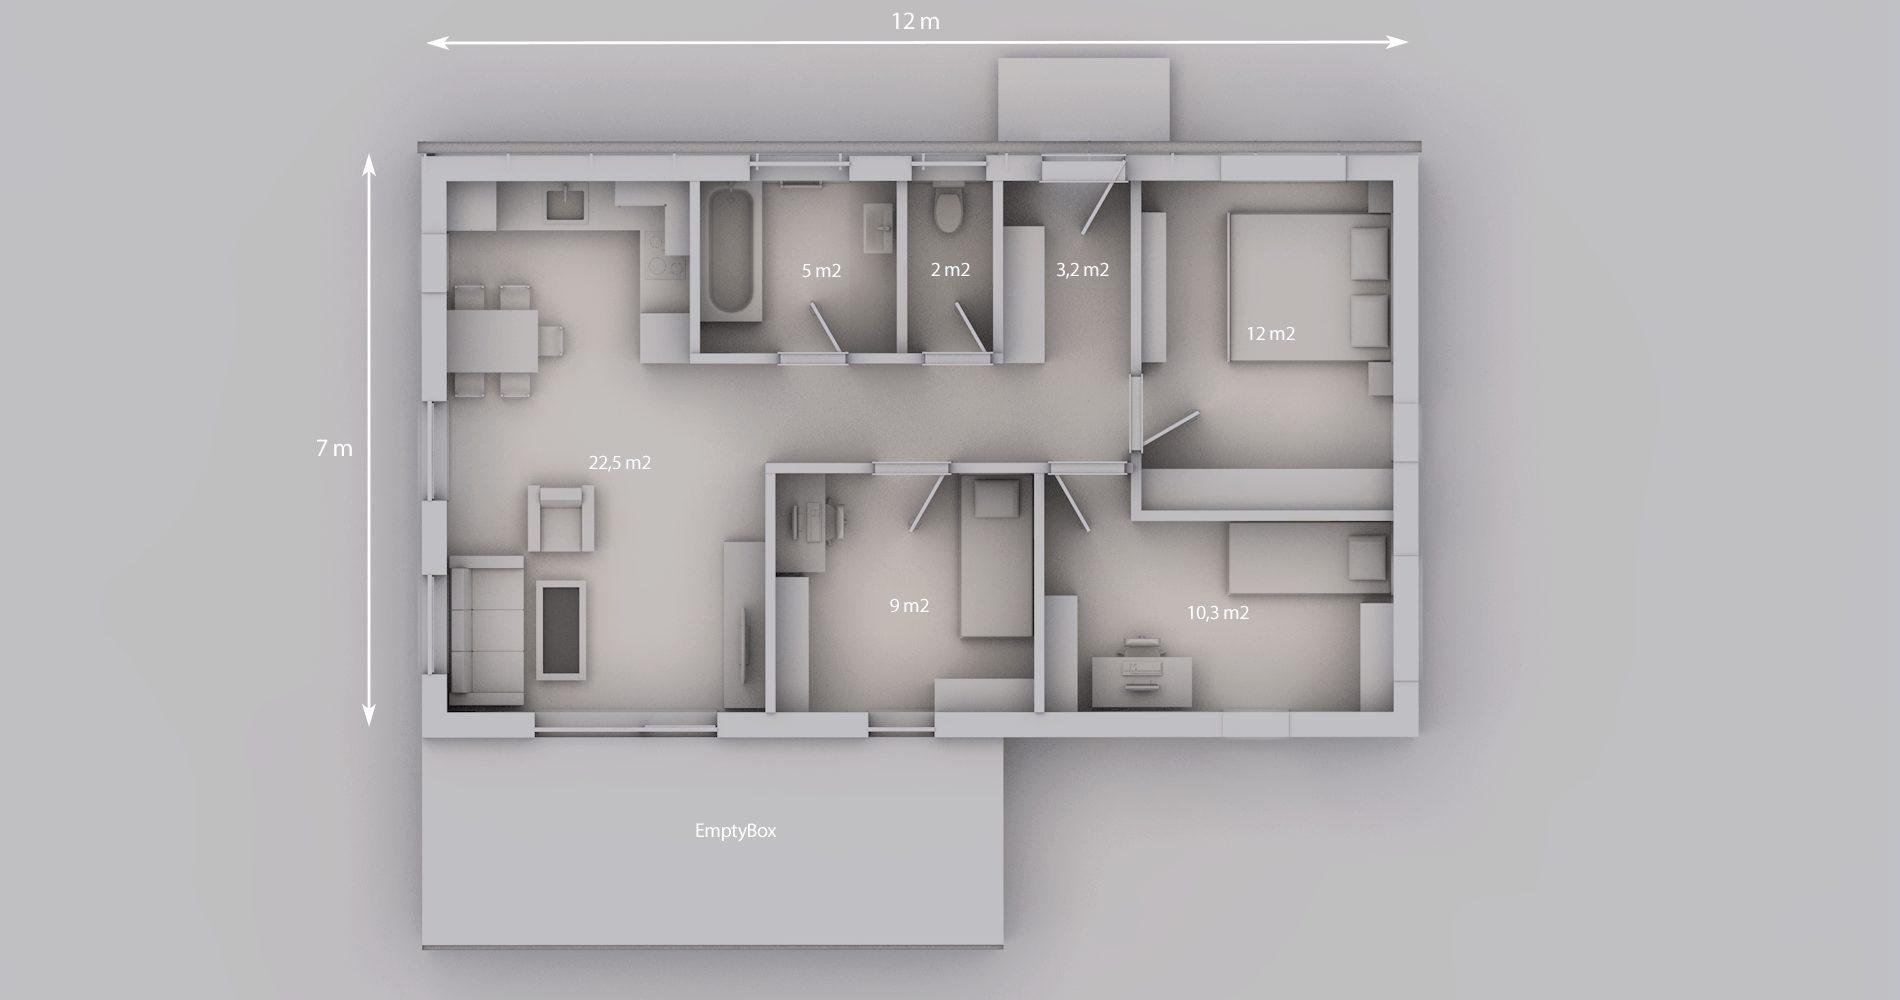 Rodinný dům 84S 4+kk 12